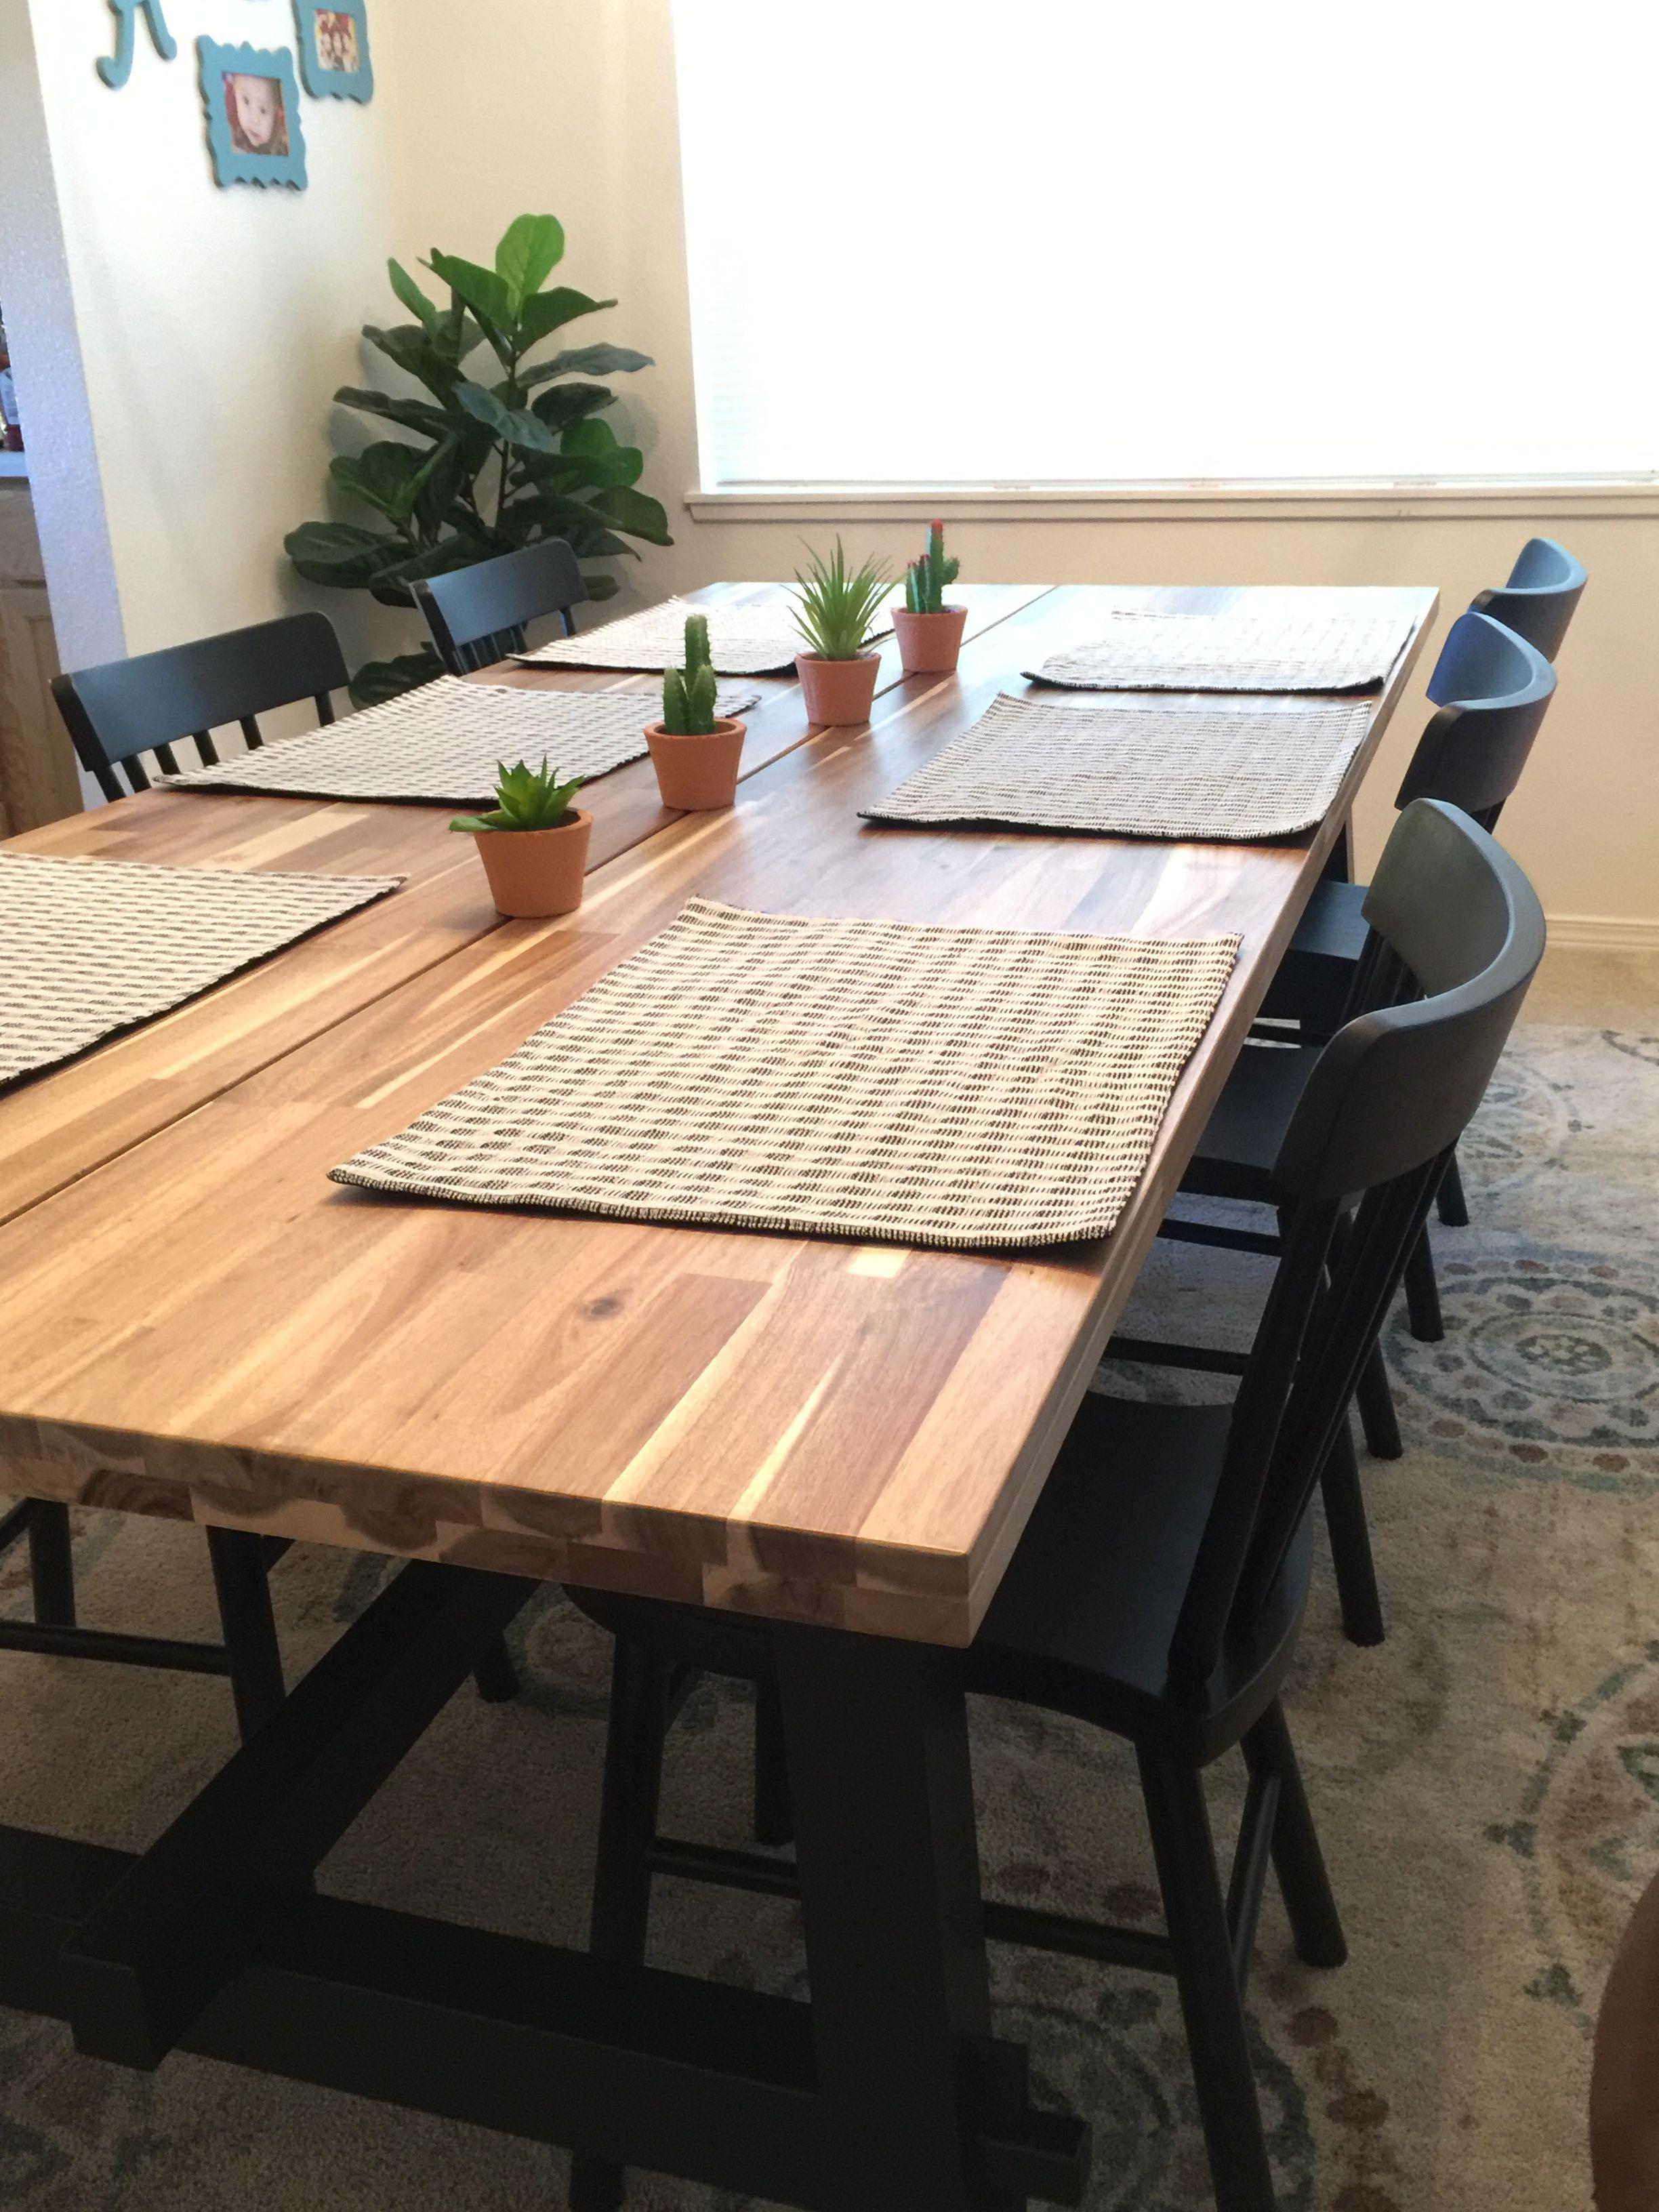 Ikea skogsta table en 2019 | Comedores, Cocinas y Balcones